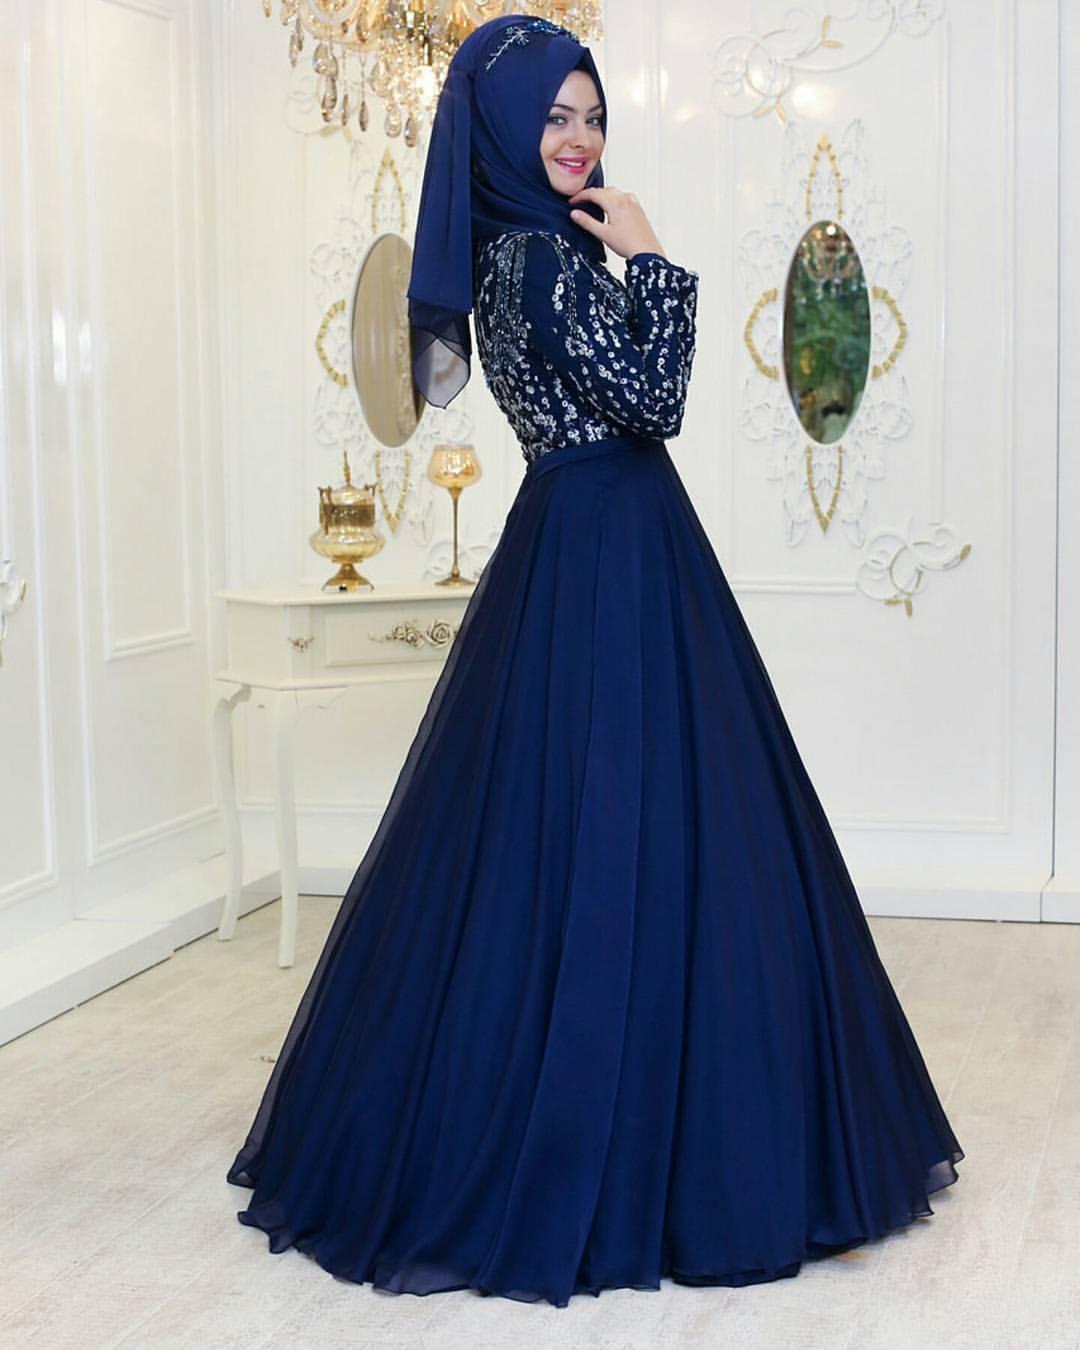 Pinarsems Abiye Modelleri 28 - 2018 Pınar Şems Abiye Modelleri